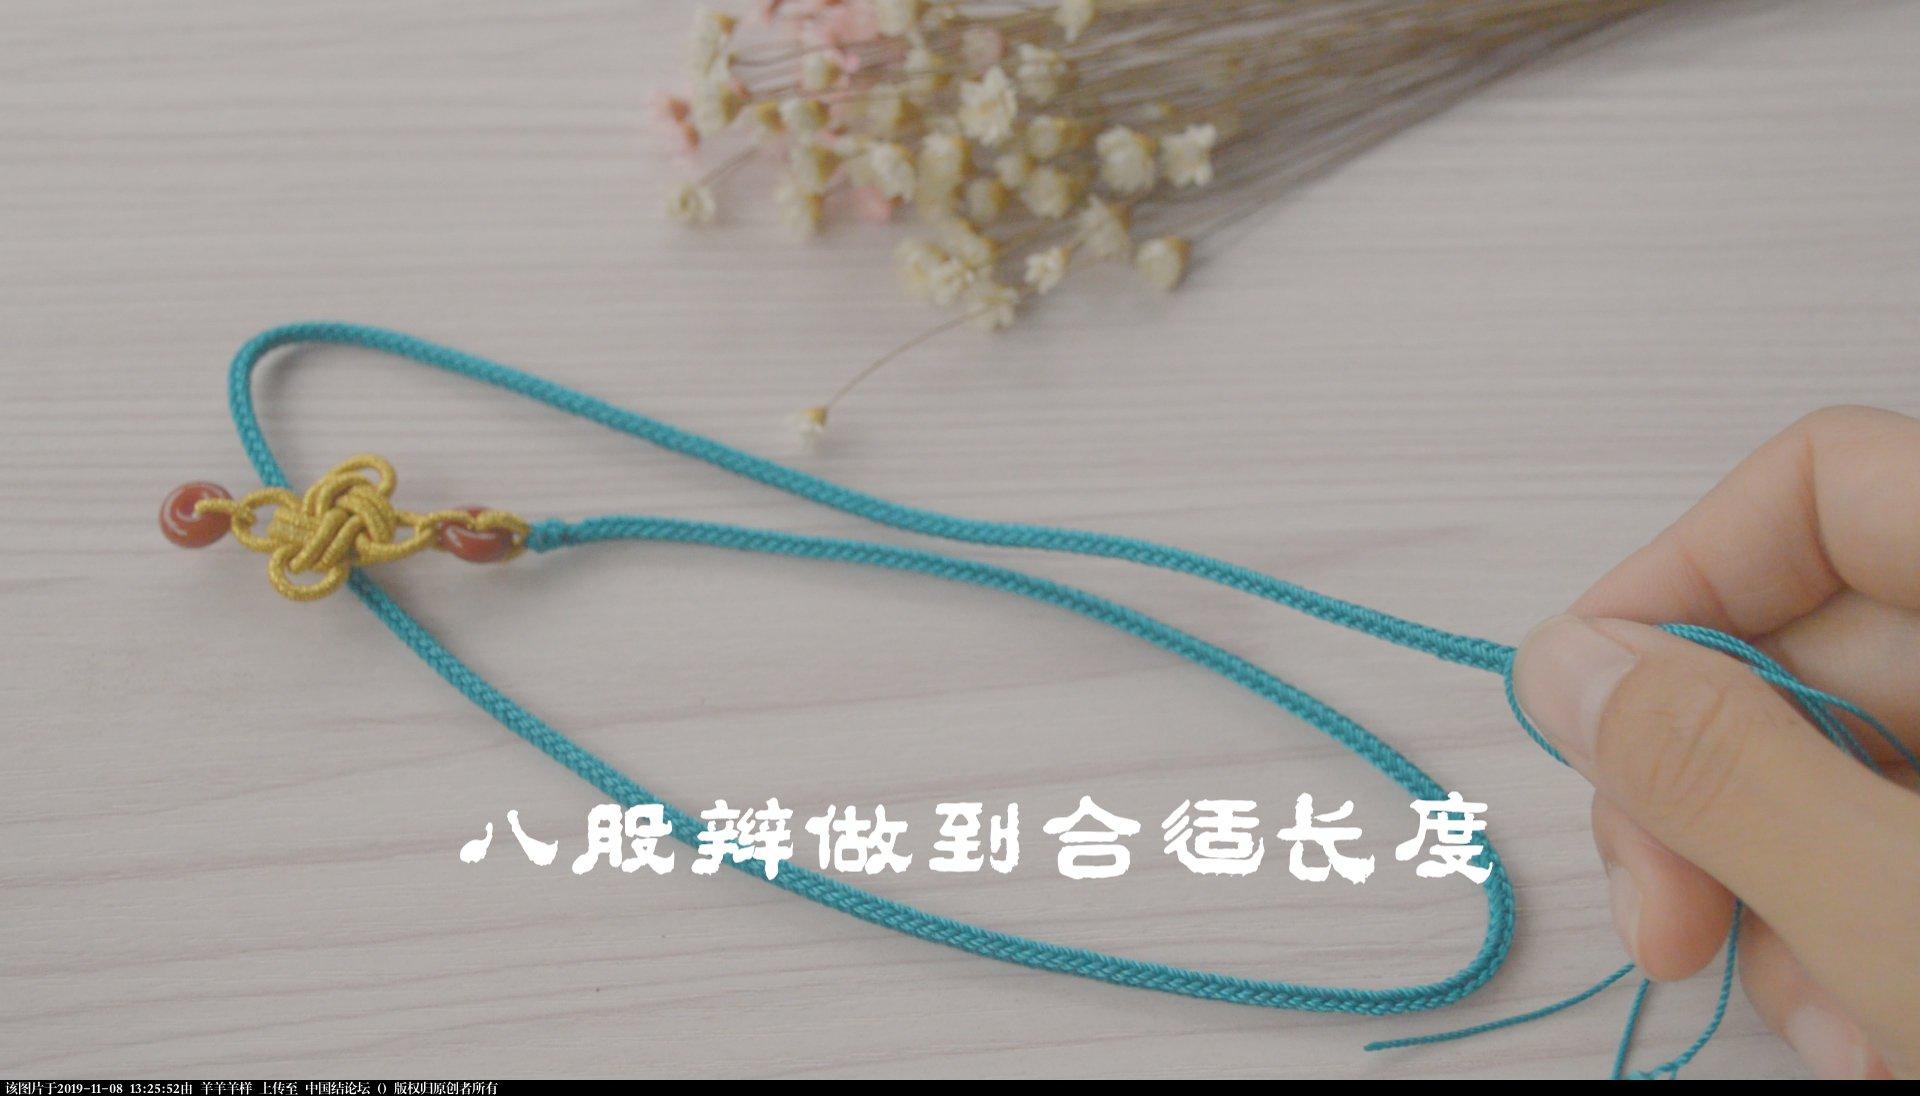 中国结论坛 冰花结只会用来做挂件?试试做一款属于自己的毛衣链,附视频教程  图文教程区 131813v6h9a6ber8nrnwew